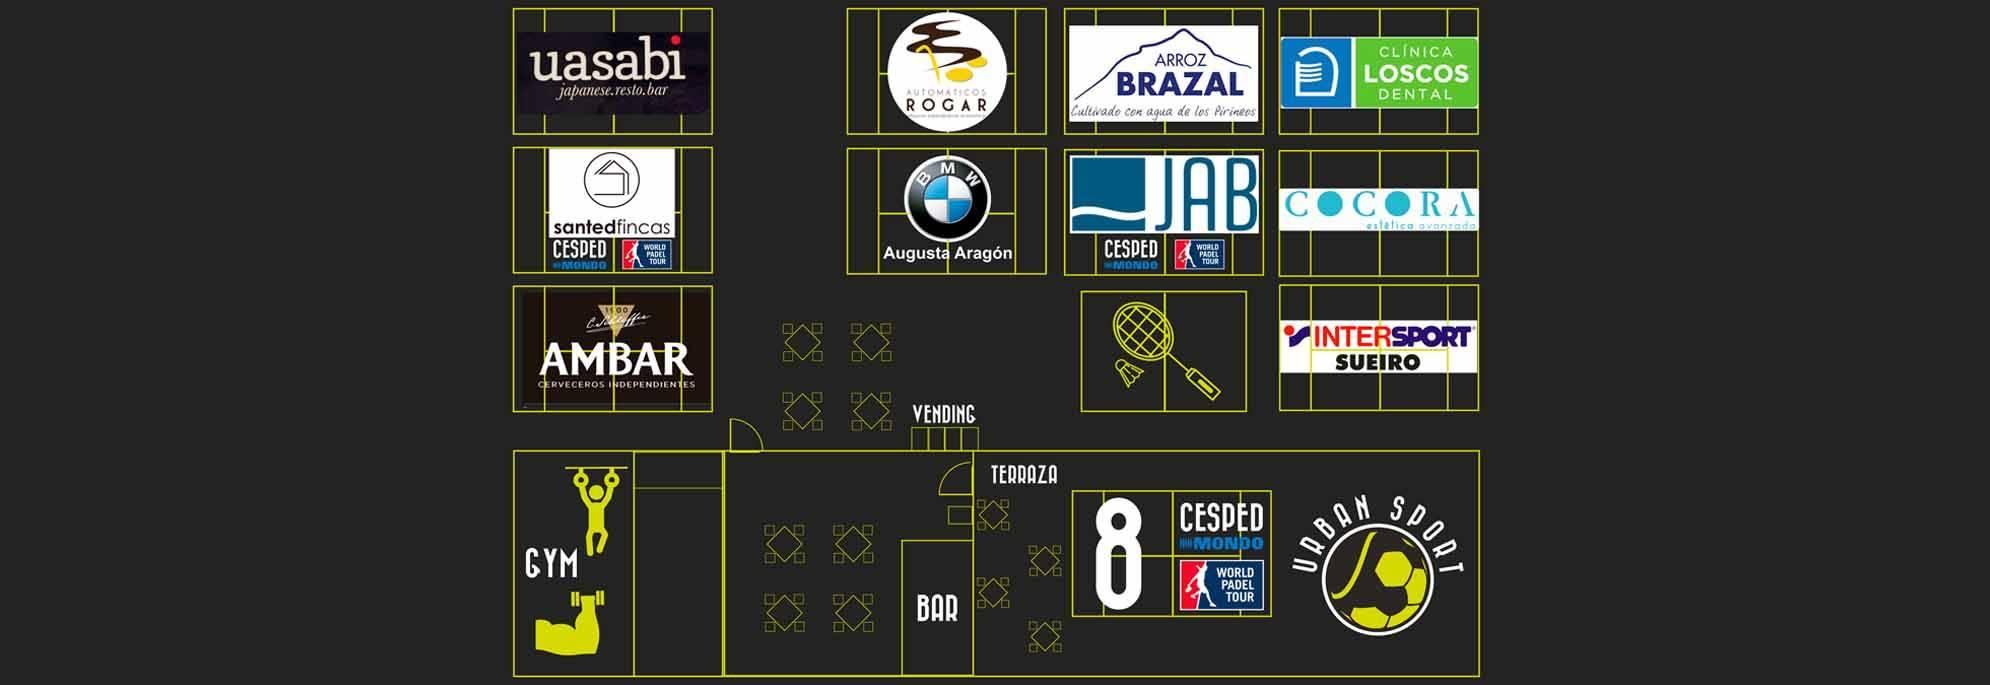 PLANO PARA PANTALLA BAR WEB.jpg